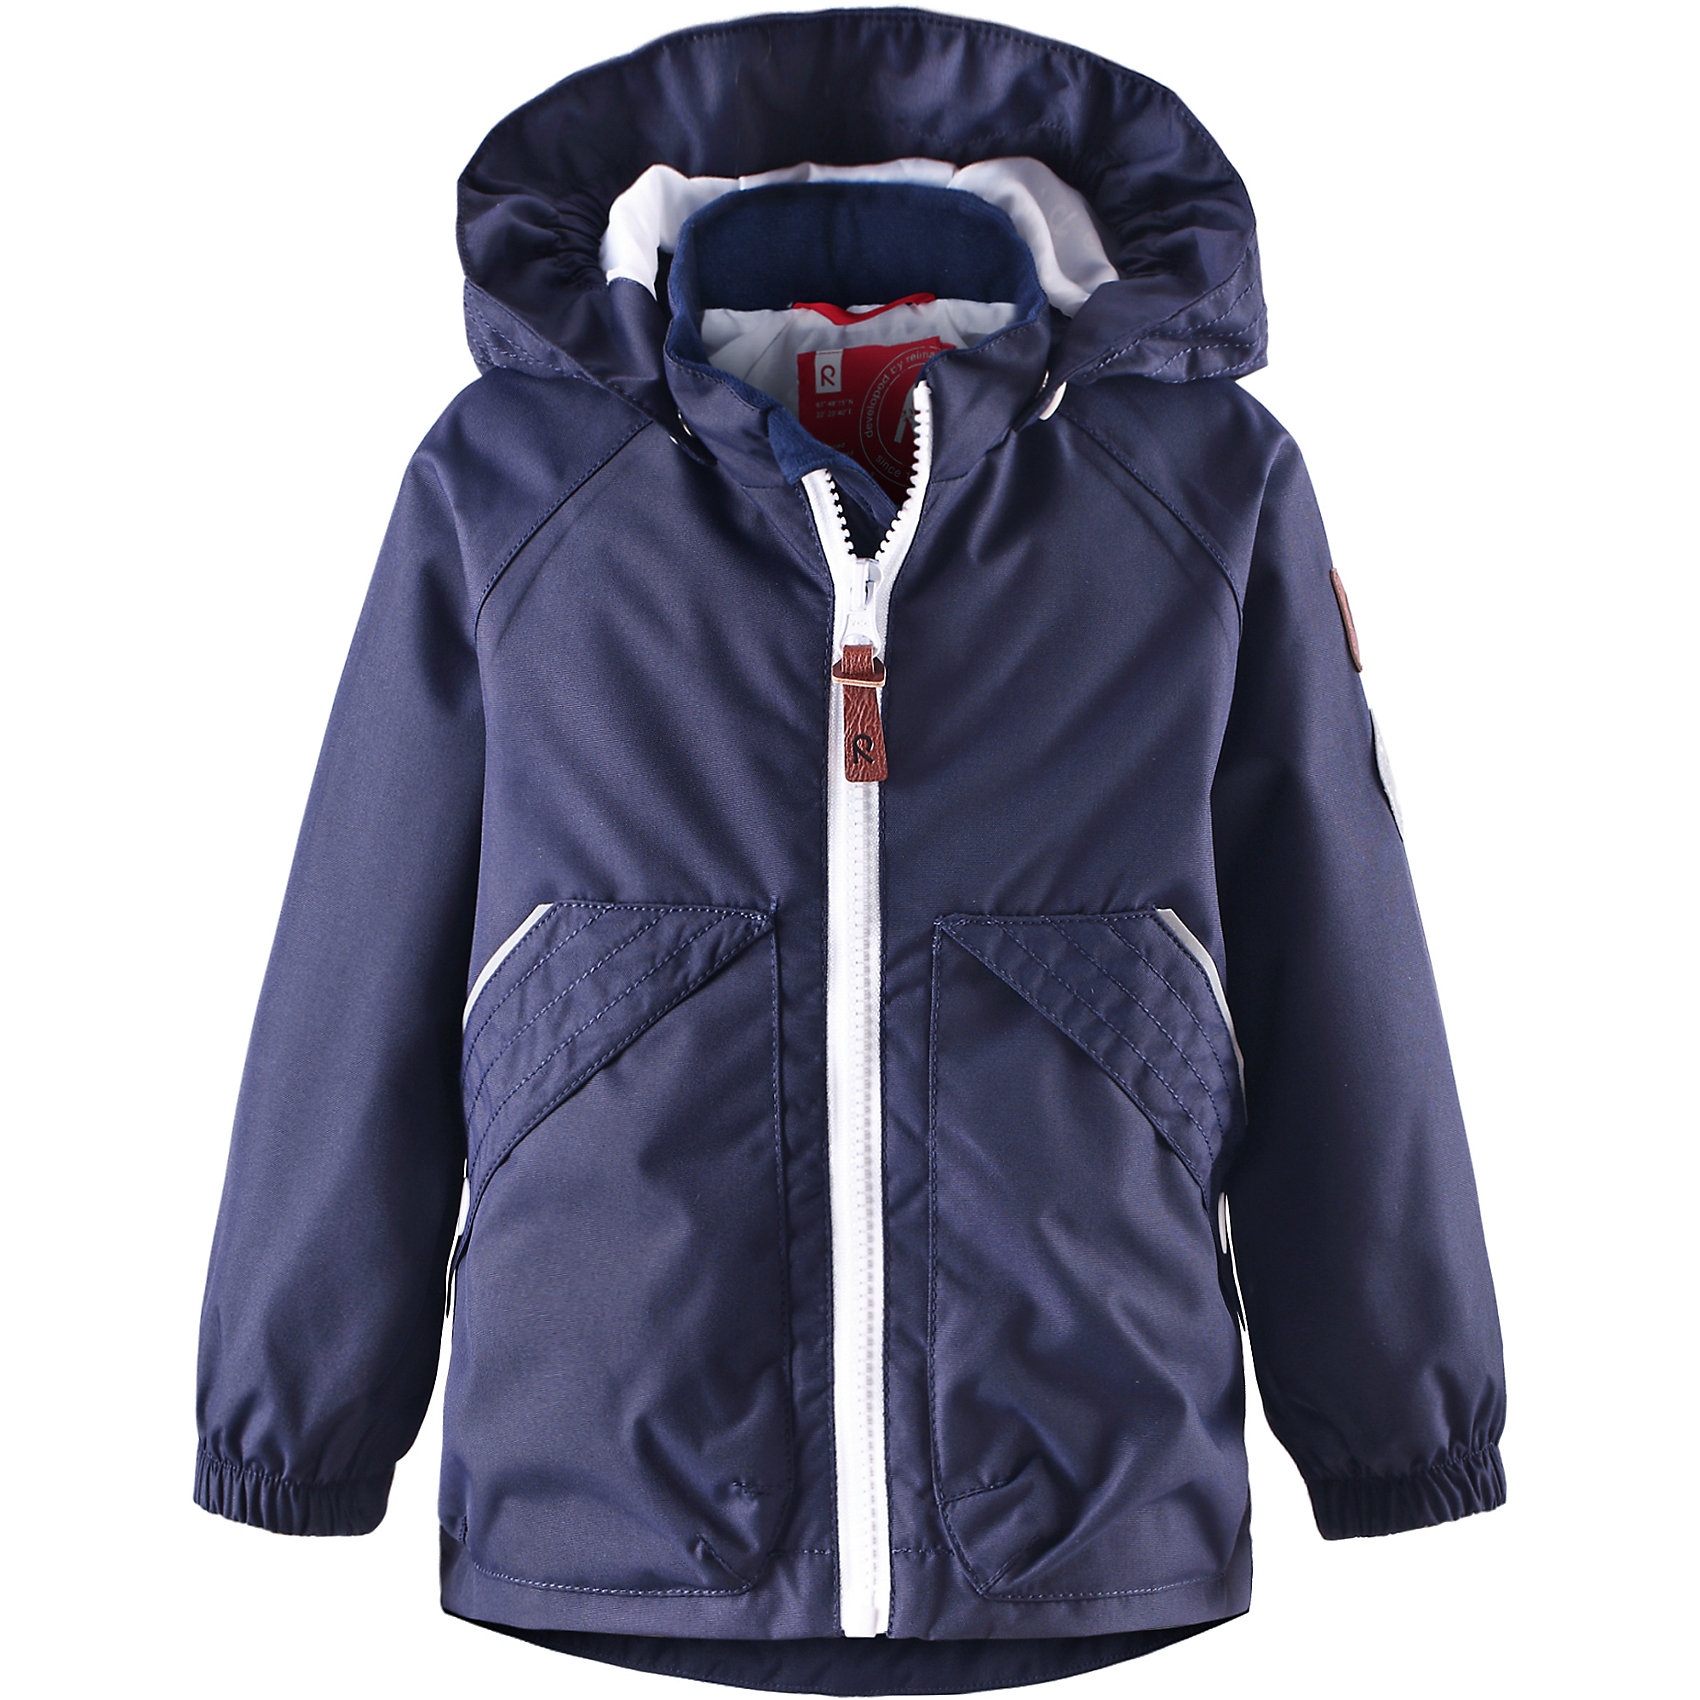 Куртка для мальчика ReimaОдежда<br>Эта элегантная демисезонная куртка для малышей – идеальный выбор для игр на открытом воздухе весной и осенью. Основные швы этой водо- и грязеотталкивающей куртки проклеены, поэтому никакой мелкий дождь не помешает игре на воздухе. Материал куртки – ветронепроницаемый, но дышащий, и не позволяющий коже потеть. Подкладка куртки из гладкого полиэстера облегчает процесс одевания. Съемный капюшон не только защищает от пронизывающего ветра, но и обеспечивает безопасность во время игр на воздухе, так как капюшон легко отстегивается, если он, например, зацепился за ветку дерева. Два кармана на молнии надежно сохранят маленькие ценные предметы, а светоотражающие детали гарантируют, что ваших маленьких любителей приключений будет видно в темноте.<br><br>Дополнительная информация:<br><br>Куртка демисезонная для малышей<br>Водонепроницаемость: 10000 мм<br>Основные швы проклеены и не пропускают влагу<br>Водоотталкивающий, ветронепроницаемый и «дышащий» материал<br>Гладкая подкладка из полиэстра<br>Безопасный, съемный капюшон<br>Два кармана с клапанами<br>Безопасные светоотражающие детали<br>Состав:<br>100% ПЭ, ПУ-покрытие<br>Уход:<br>Стирать по отдельности, вывернув наизнанку. Застегнуть молнии и липучки. Стирать моющим средством, не содержащим отбеливающие вещества. Полоскать без специального средства. Во избежание изменения цвета изделие необходимо вынуть из стиральной машинки незамедлительно после окончания программы стирки. Сушить при низкой температуре.<br><br>Ширина мм: 356<br>Глубина мм: 10<br>Высота мм: 245<br>Вес г: 519<br>Цвет: синий<br>Возраст от месяцев: 6<br>Возраст до месяцев: 9<br>Пол: Мужской<br>Возраст: Детский<br>Размер: 74,92,98,86,80<br>SKU: 4497165